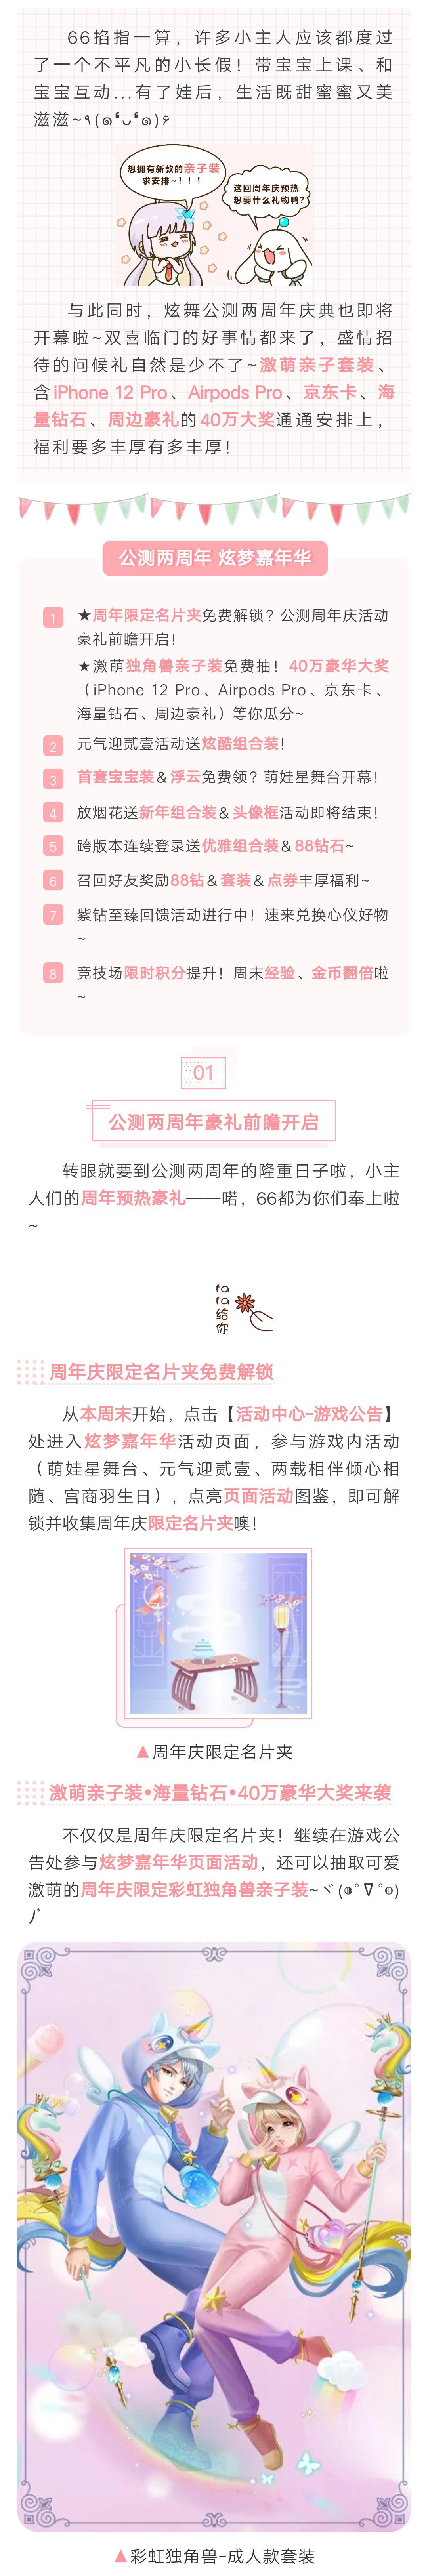 亲子装免费送丨钻石&40万大奖等你瓜分?周年庆预热燃起来...